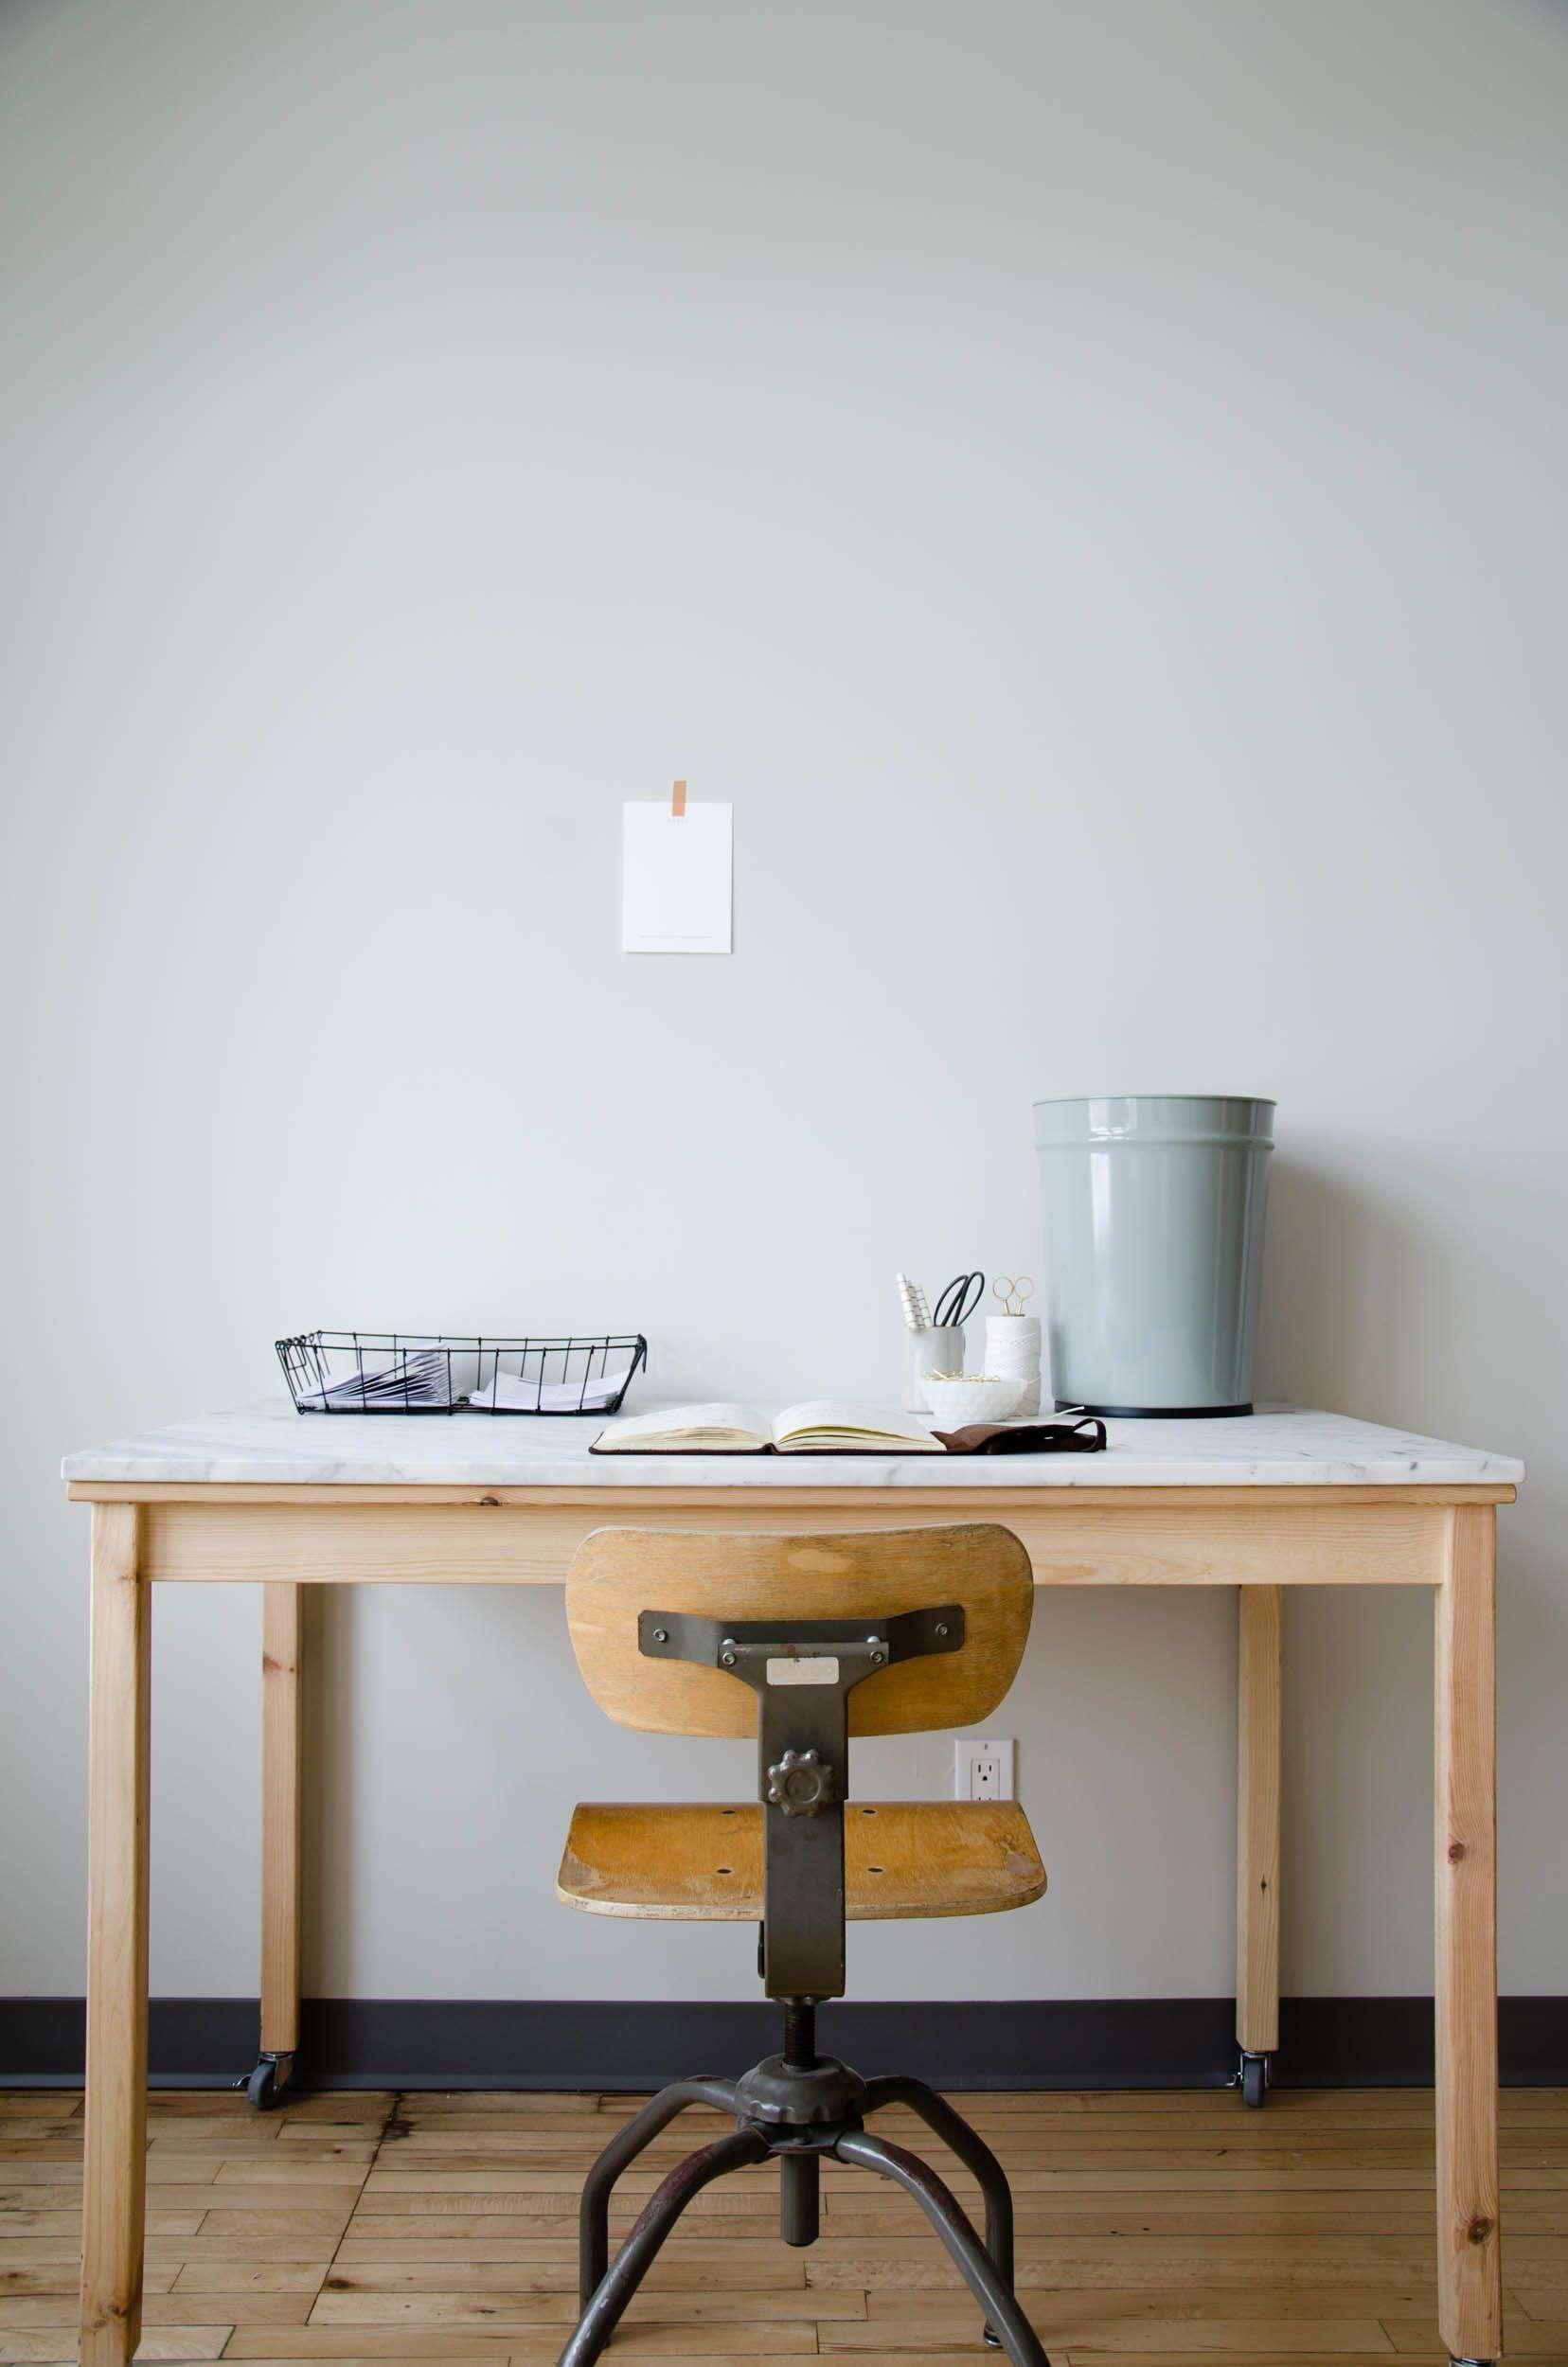 Ikea hack of Ingo table